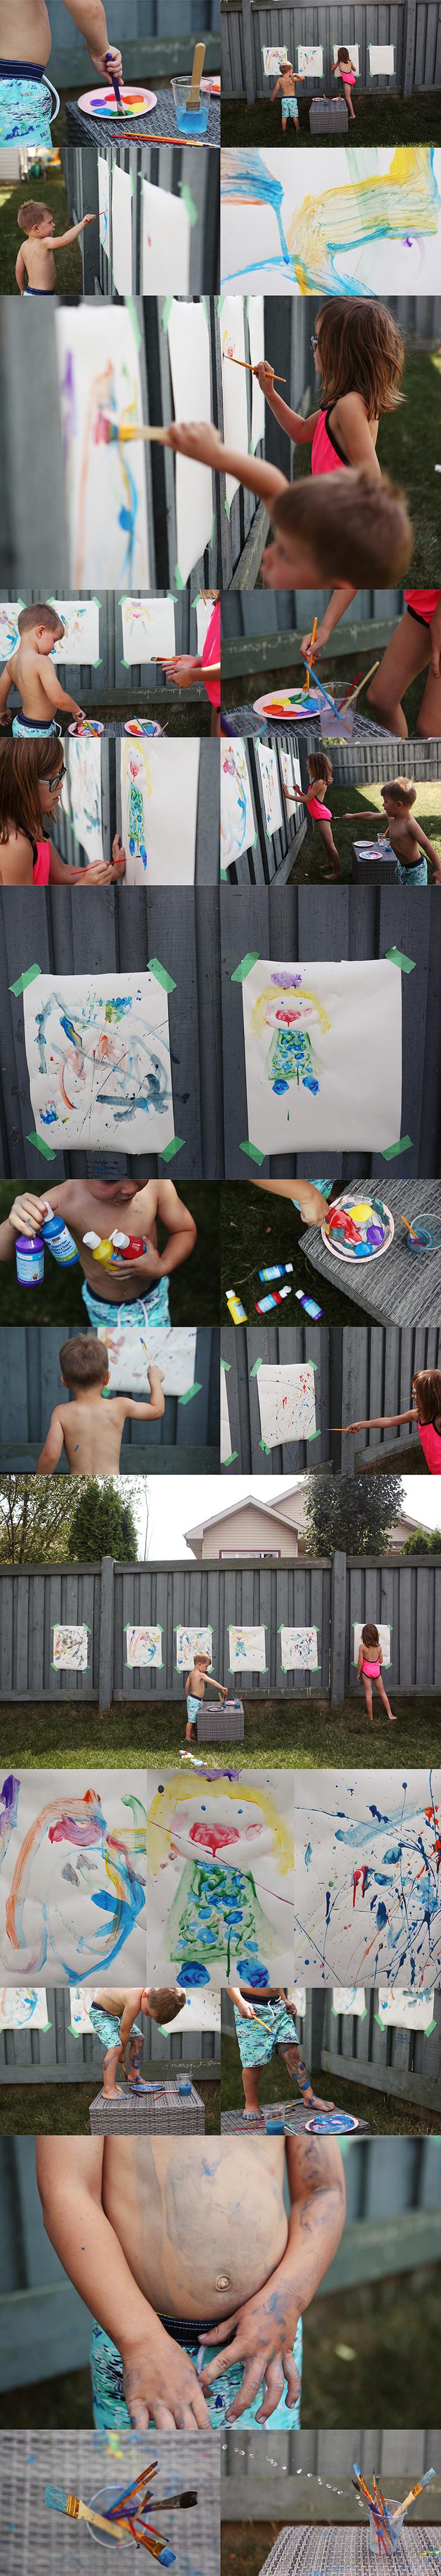 edmonton-family-lifestyle-photographer